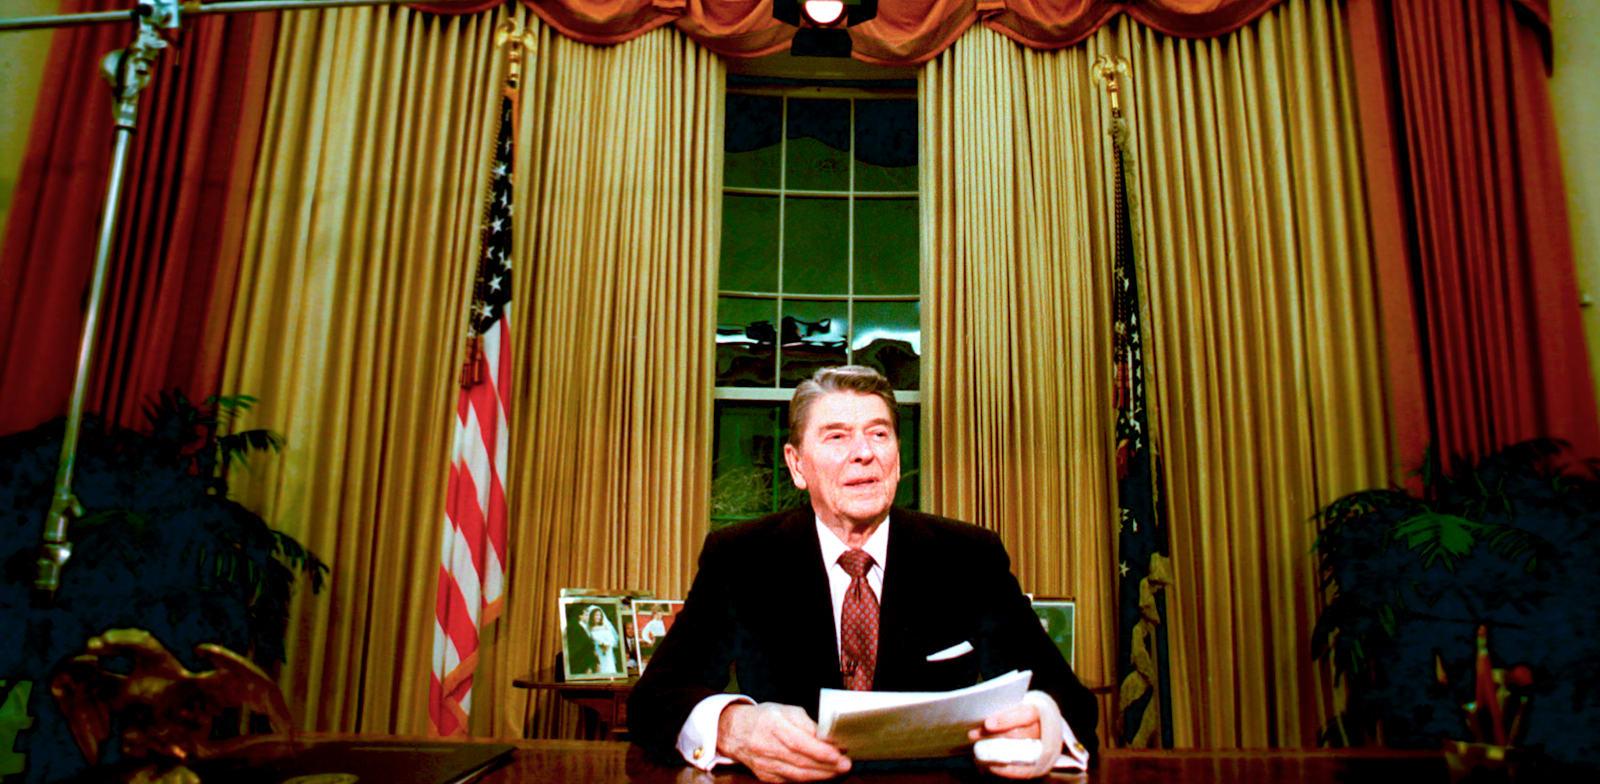 """רונלד רייגן. קיבל את כלכלת ארה""""ב במצב אנוש, וכפה על הקונגרס את קיצוצי המסים הגדולים ביותר בתולדות אמריקה. התוצאה: התאוששות / צילום: Associated Press, Ron Edmonds"""